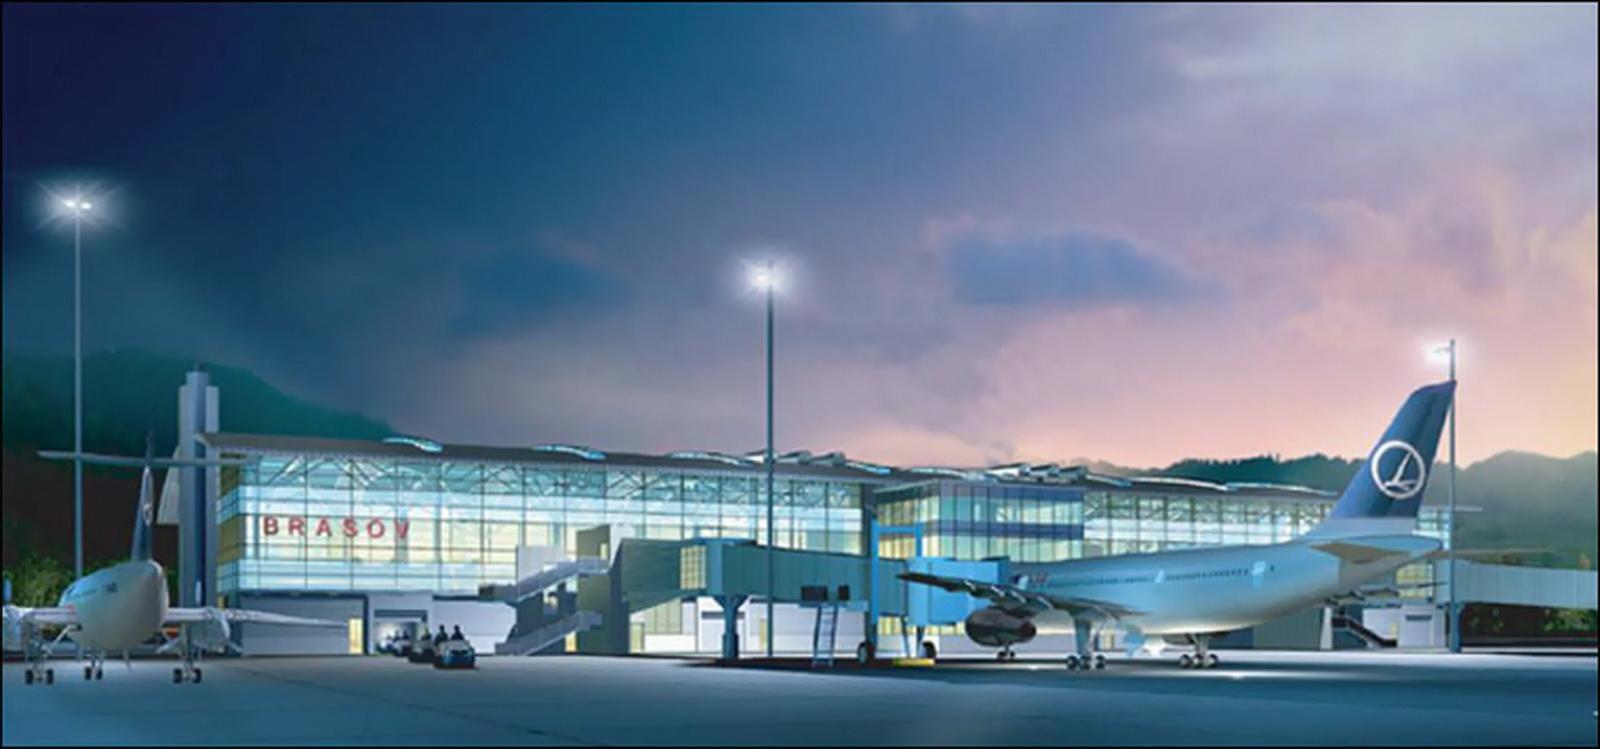 Ministerul Fondurilor Europene răspunde la scrisoarea adresată referitor la investițiile pentru aeroportul internațional Brașov Ghimbav